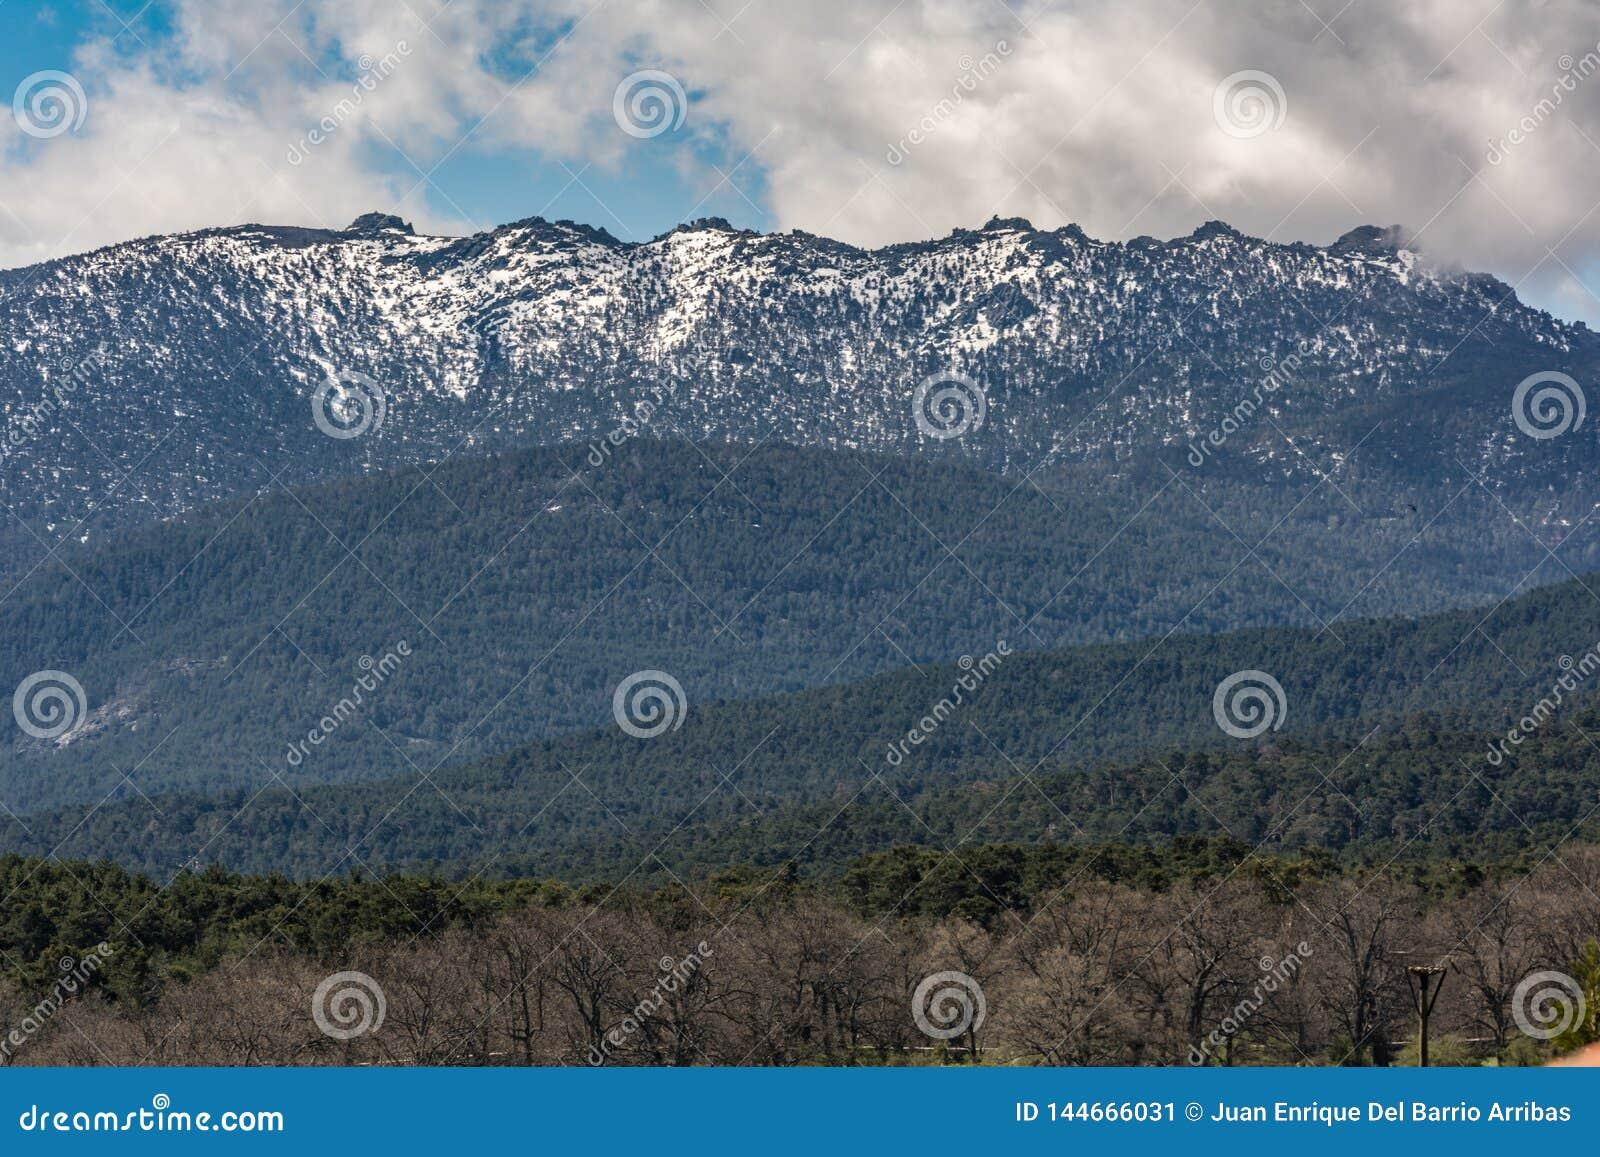 De Bergen van Siete Picos in het Guadarrama Nationale Park tussen de provincies van Madrid en Segovia Spanje